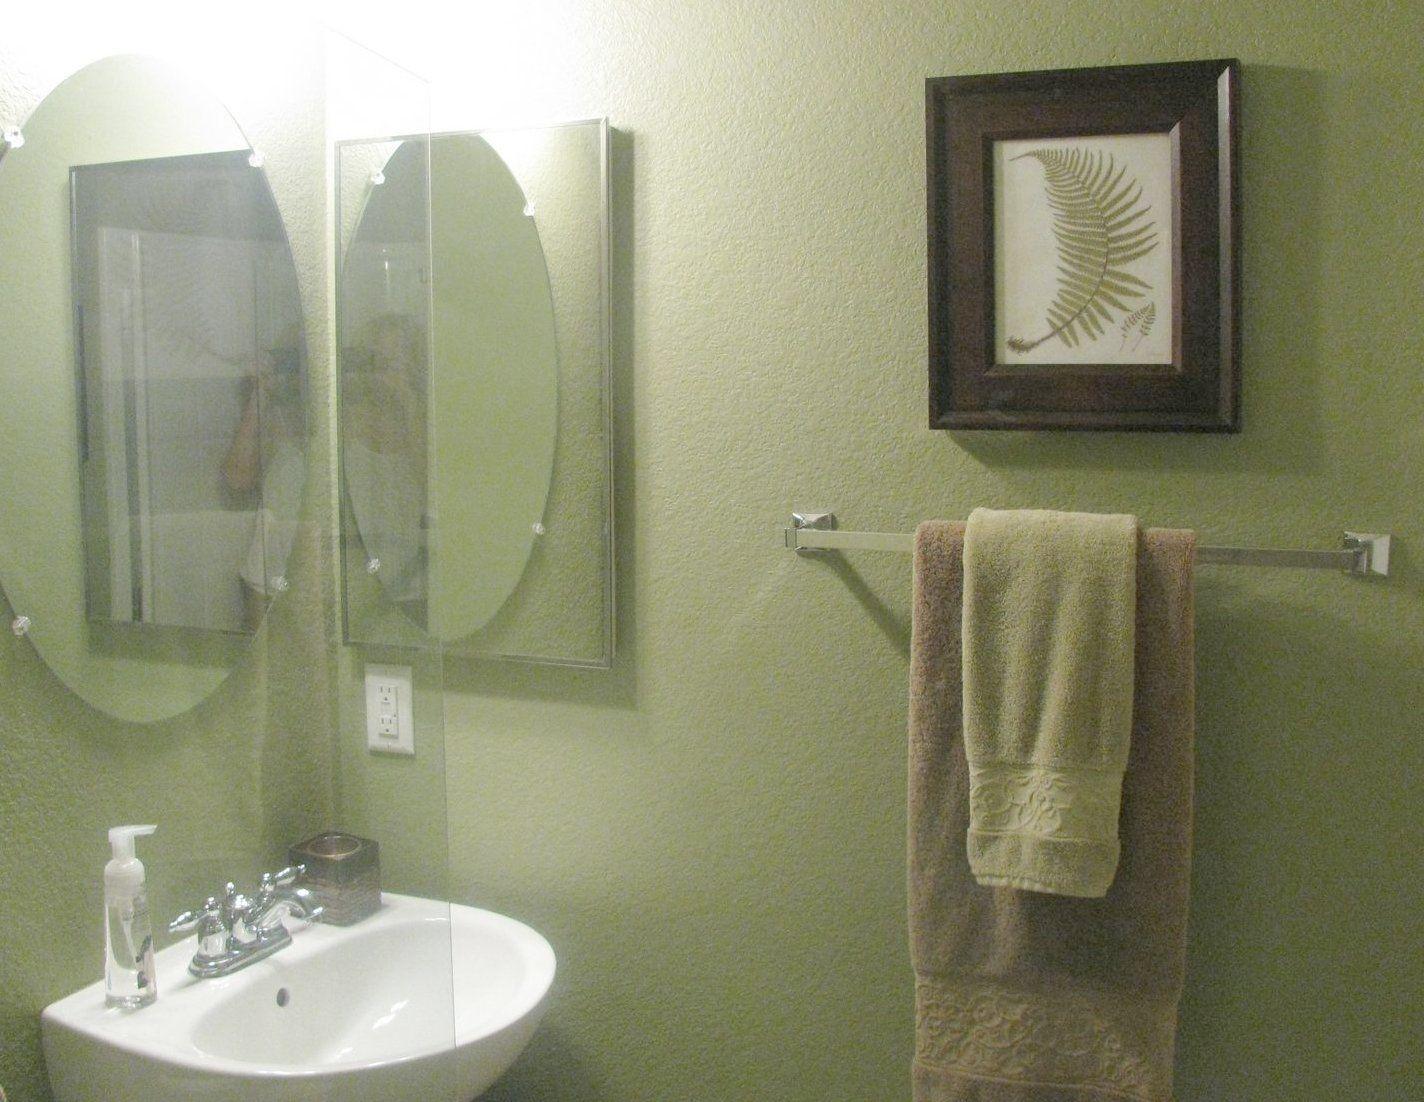 green fern bathroom decoration : green fern bathroom decoration